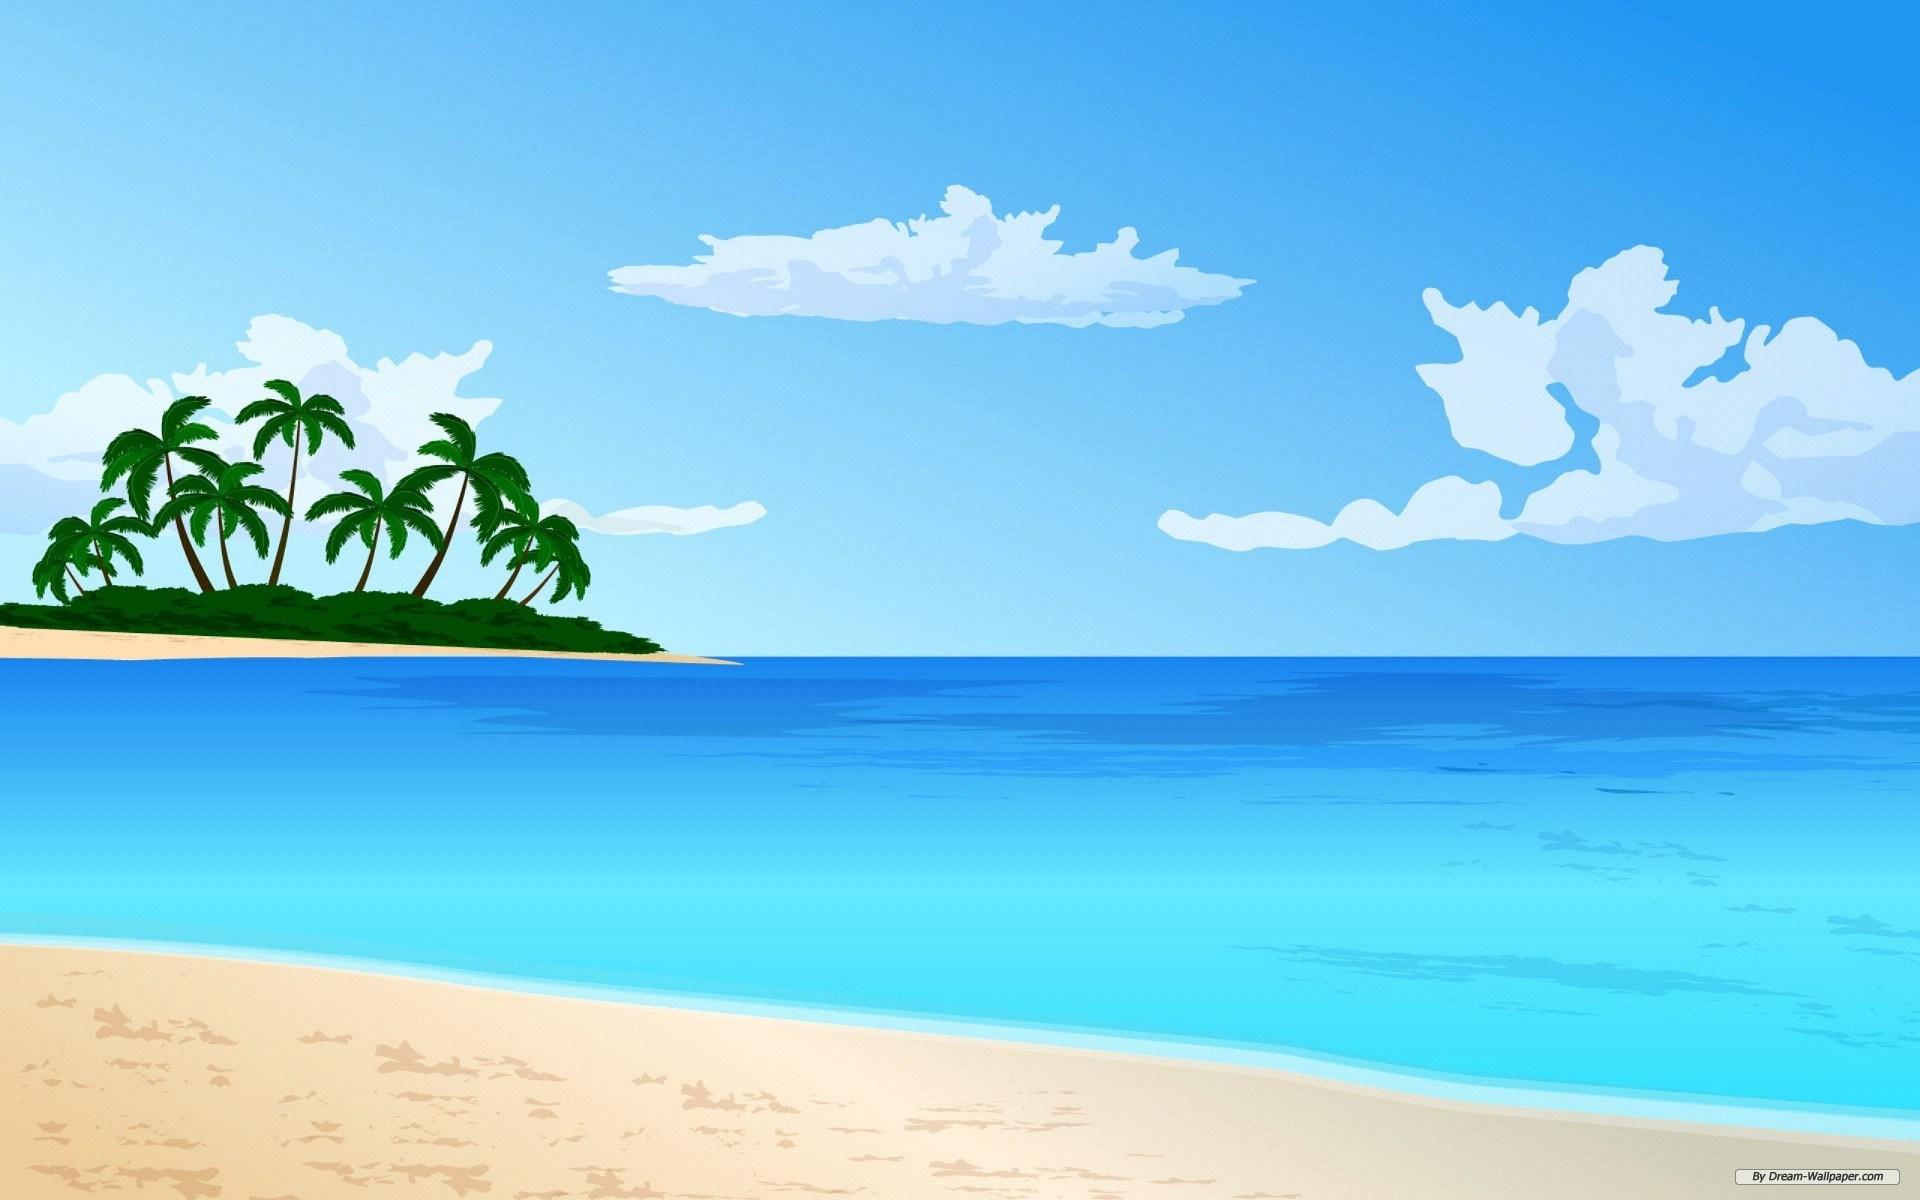 Free clipart of beach scenes 7 » Clipart Portal.